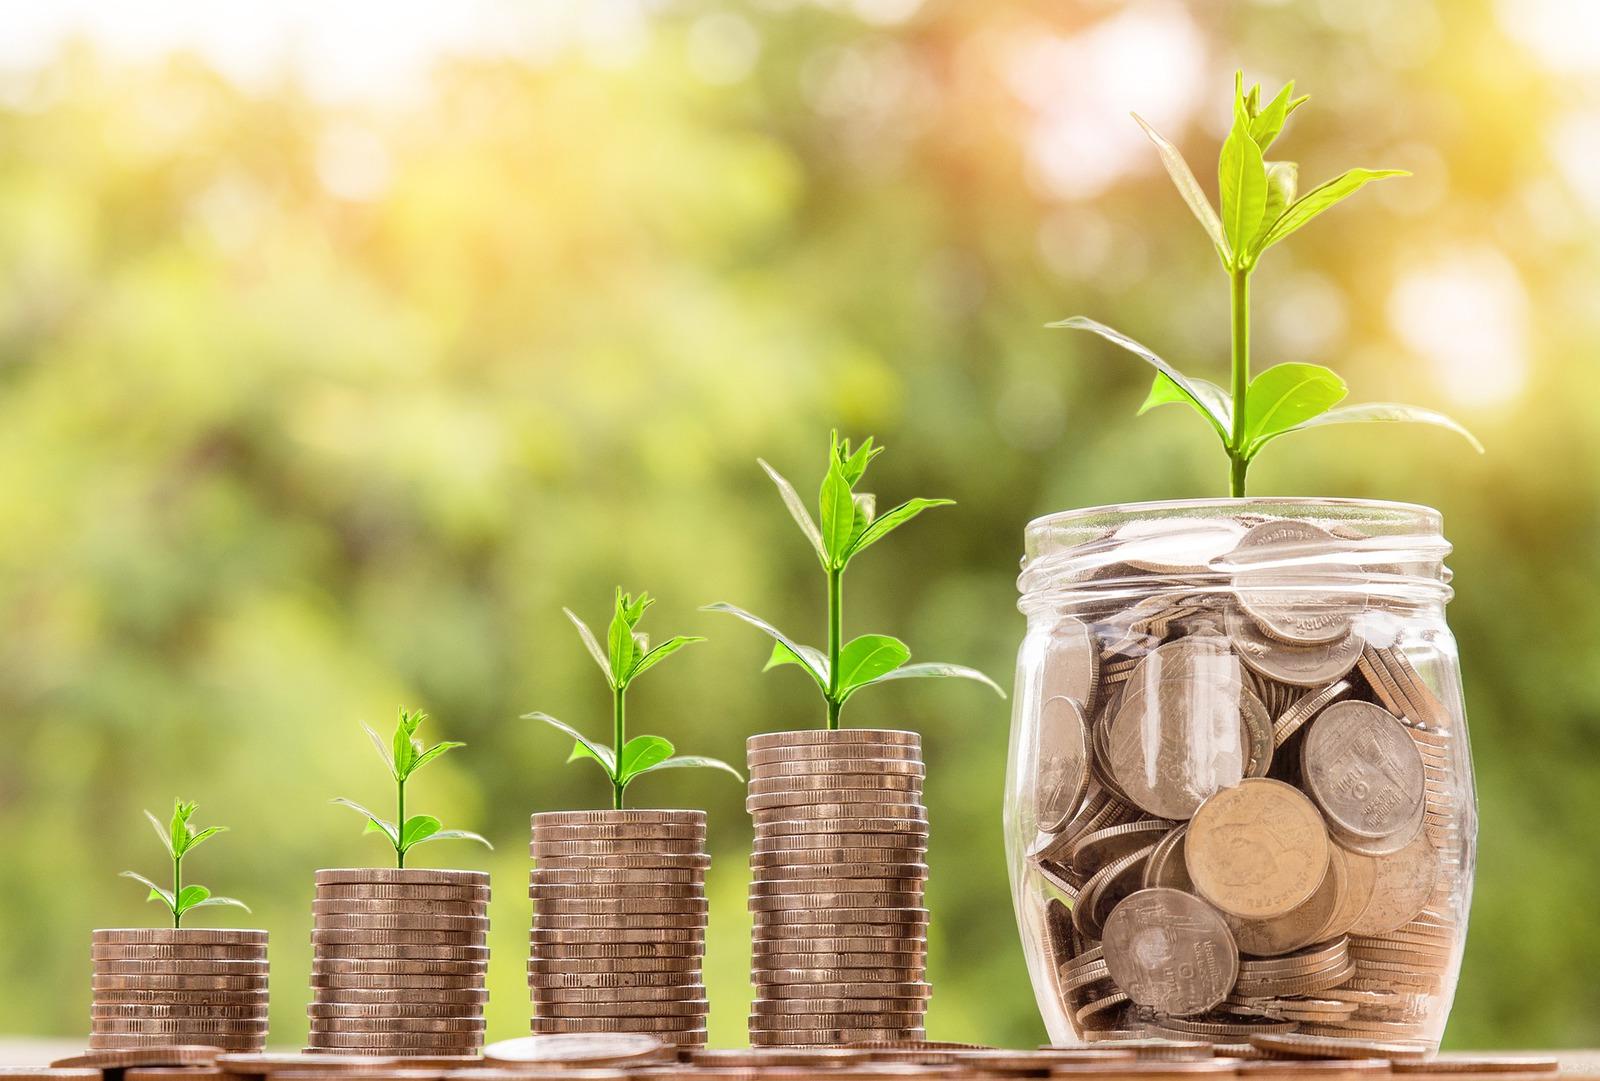 Como ahorrar dinero: 10 recomendaciones simples